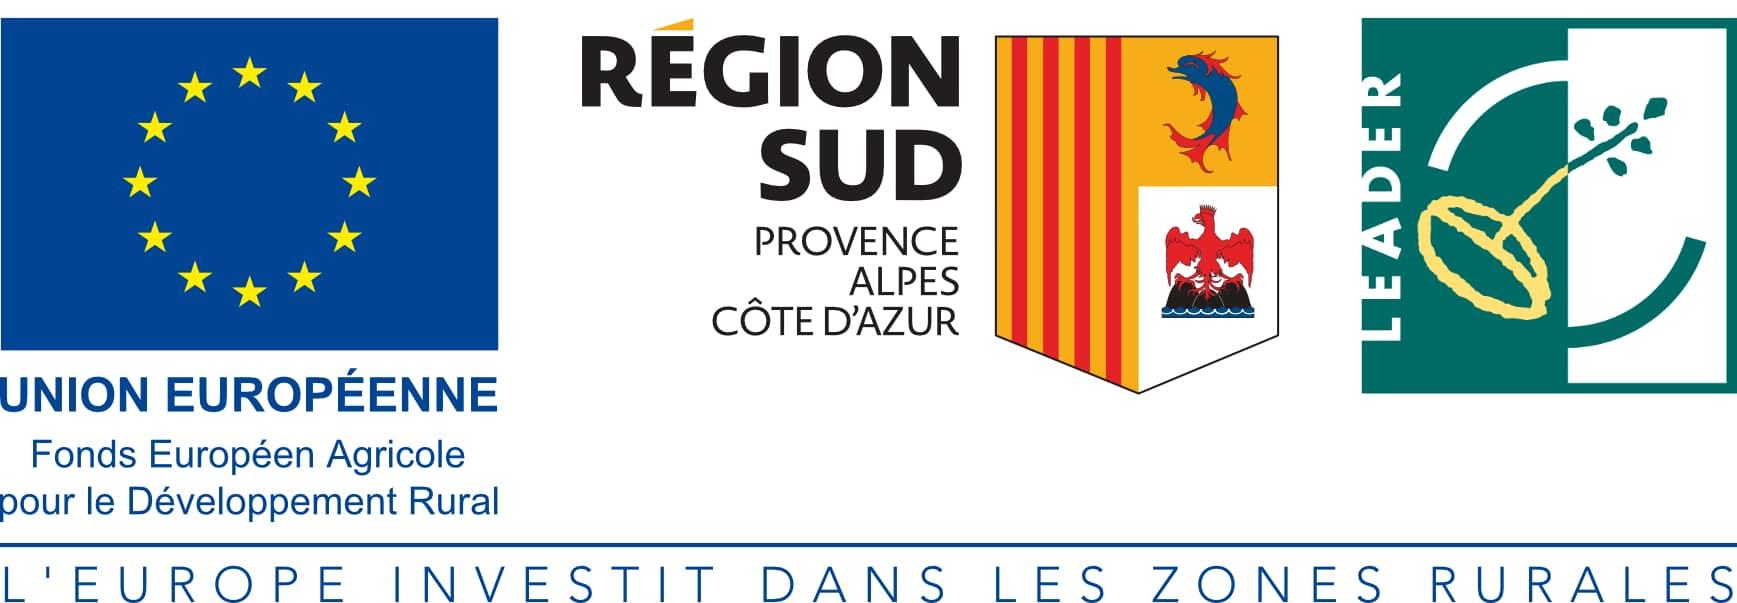 logo région nouveau - Projet